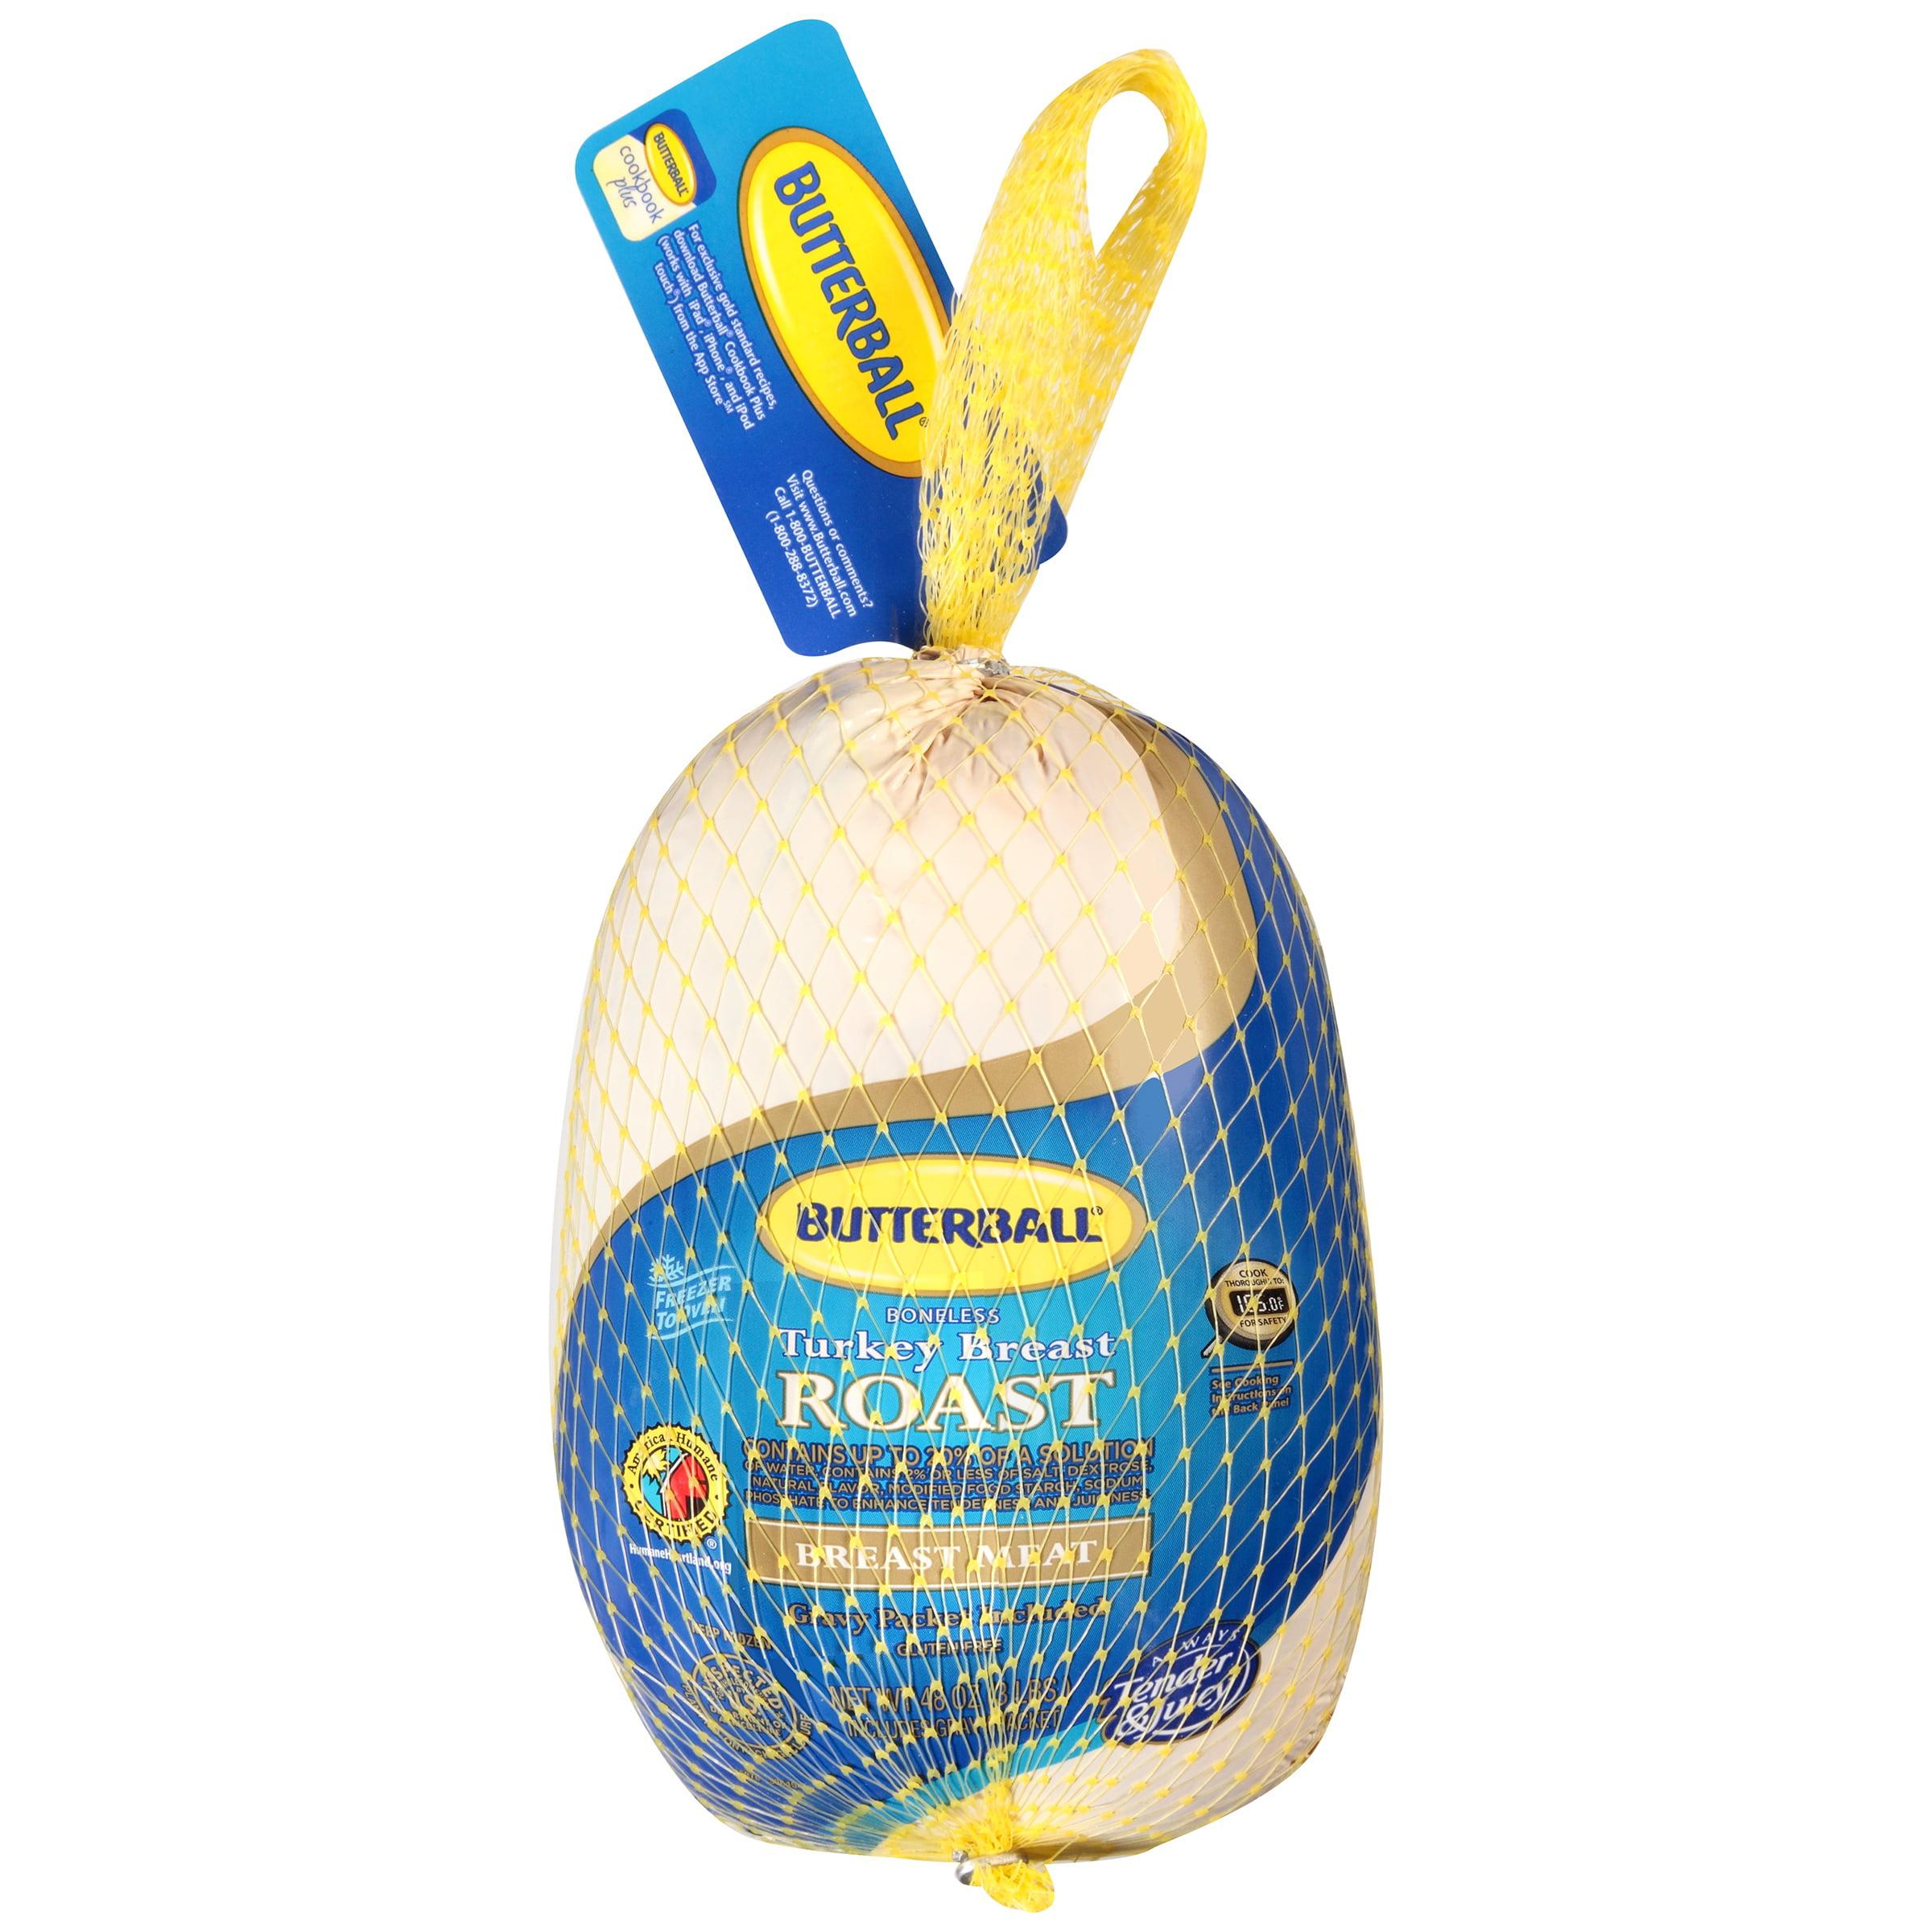 Butterball Breast Meat Boneless Turkey Breast Roast 48 oz. Bag by BUTTERBALL